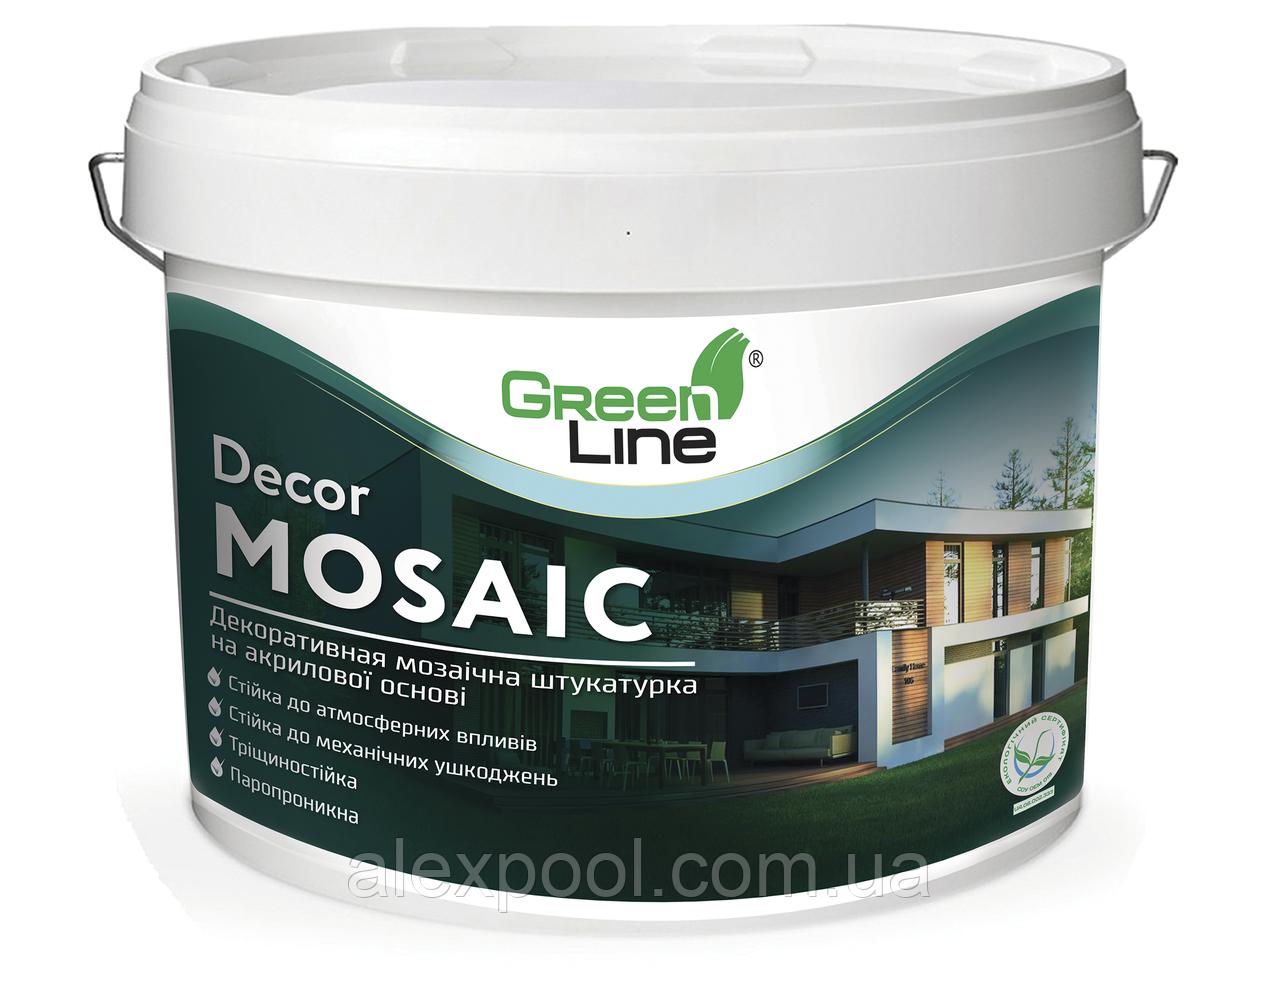 Декоративна мозаїчна штукатурка DECOR MOSAIC 10 л